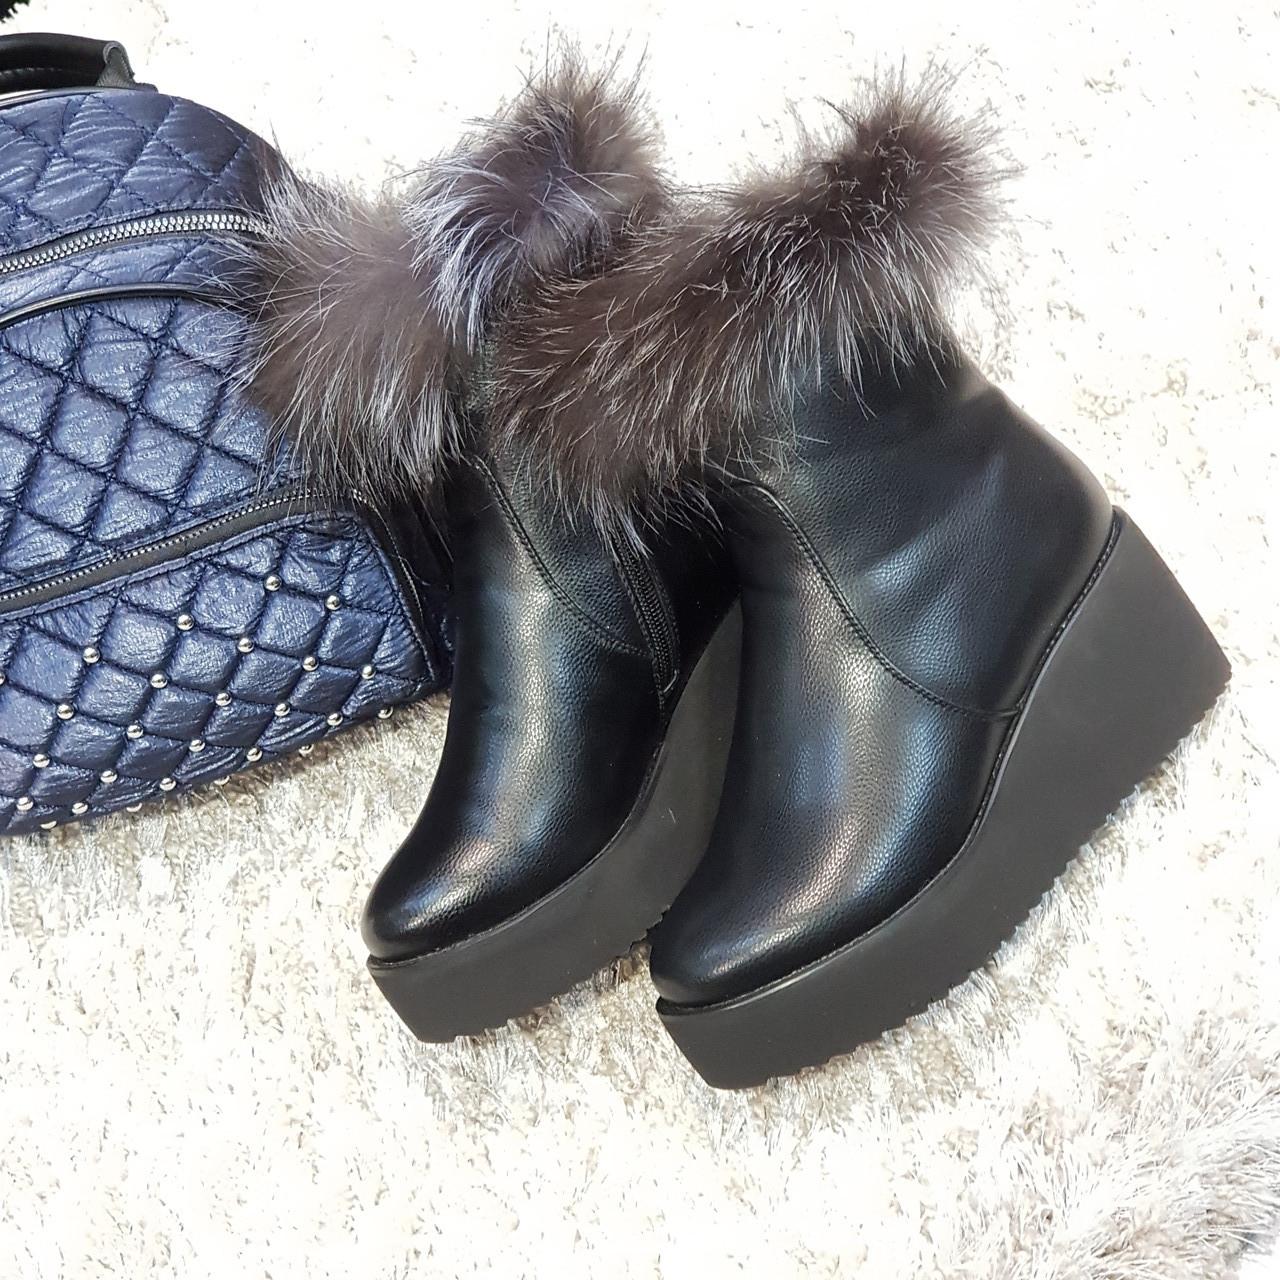 Полусапоги женские зимние искусственная кожа и искусственный мех черные на платформе